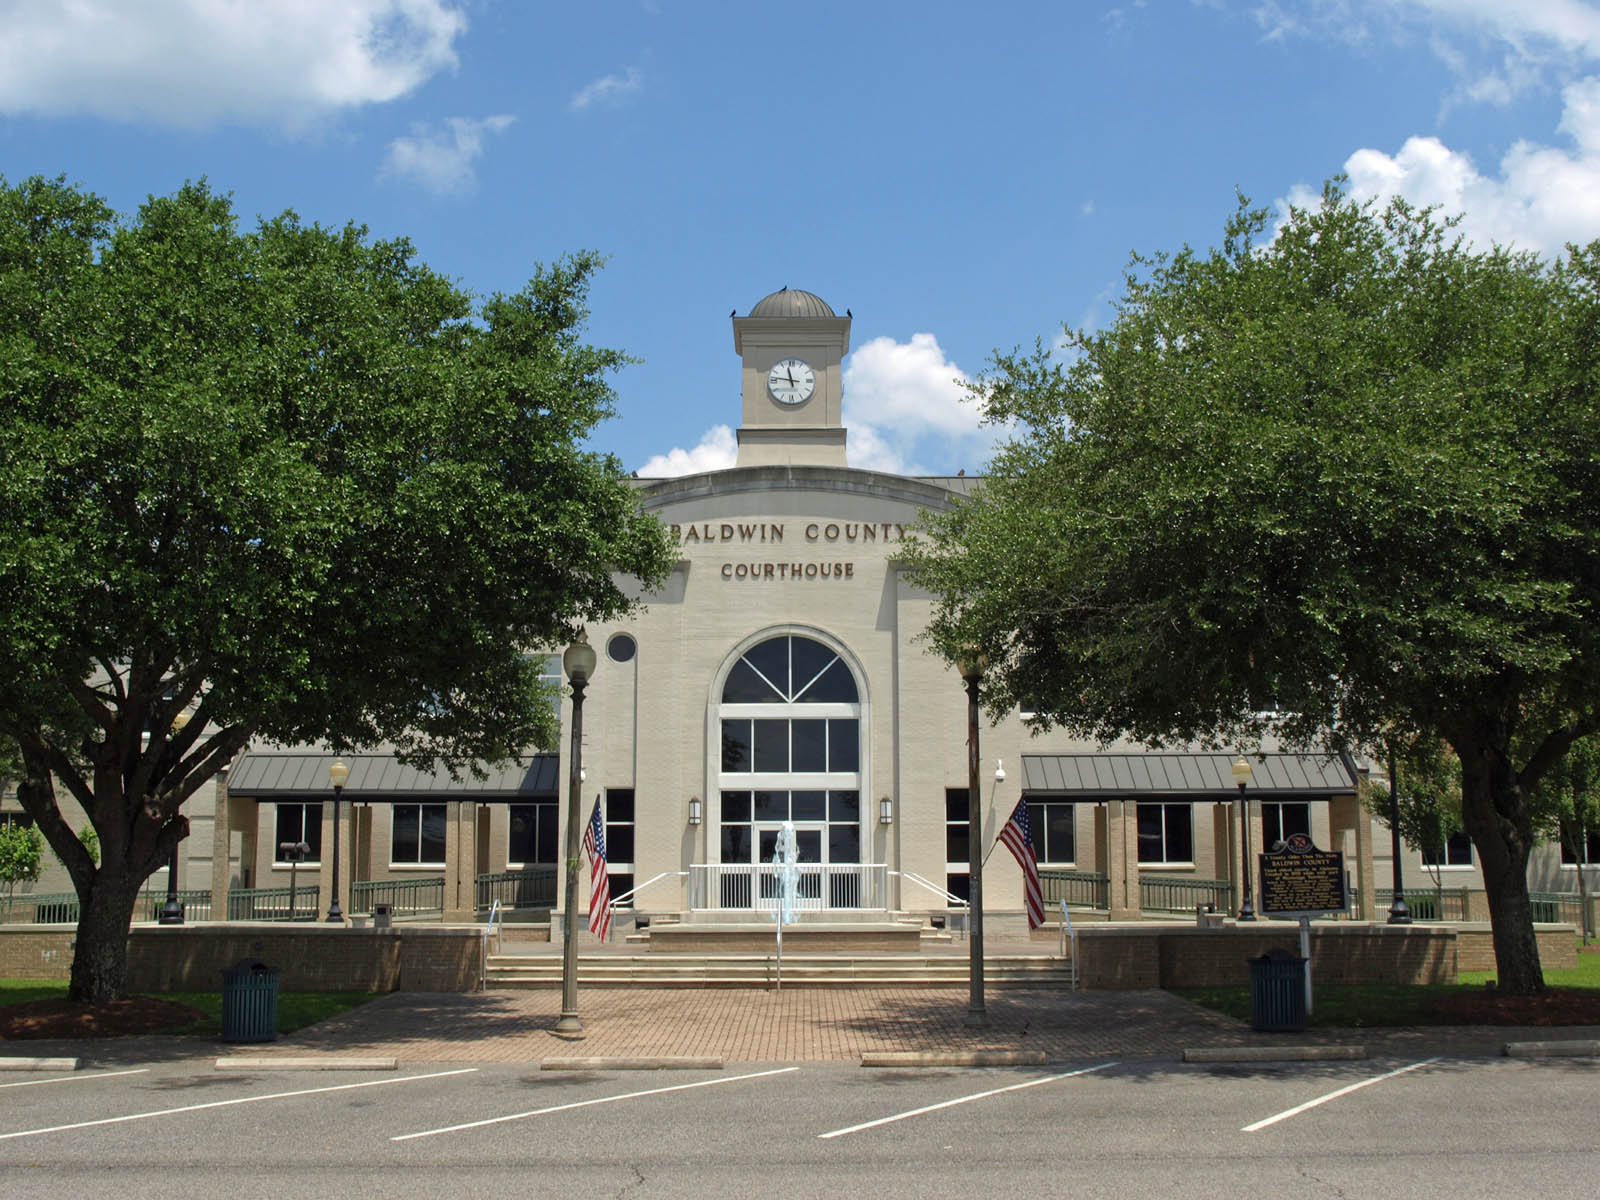 File:Baldwin County Courthousebalance of baldwin county